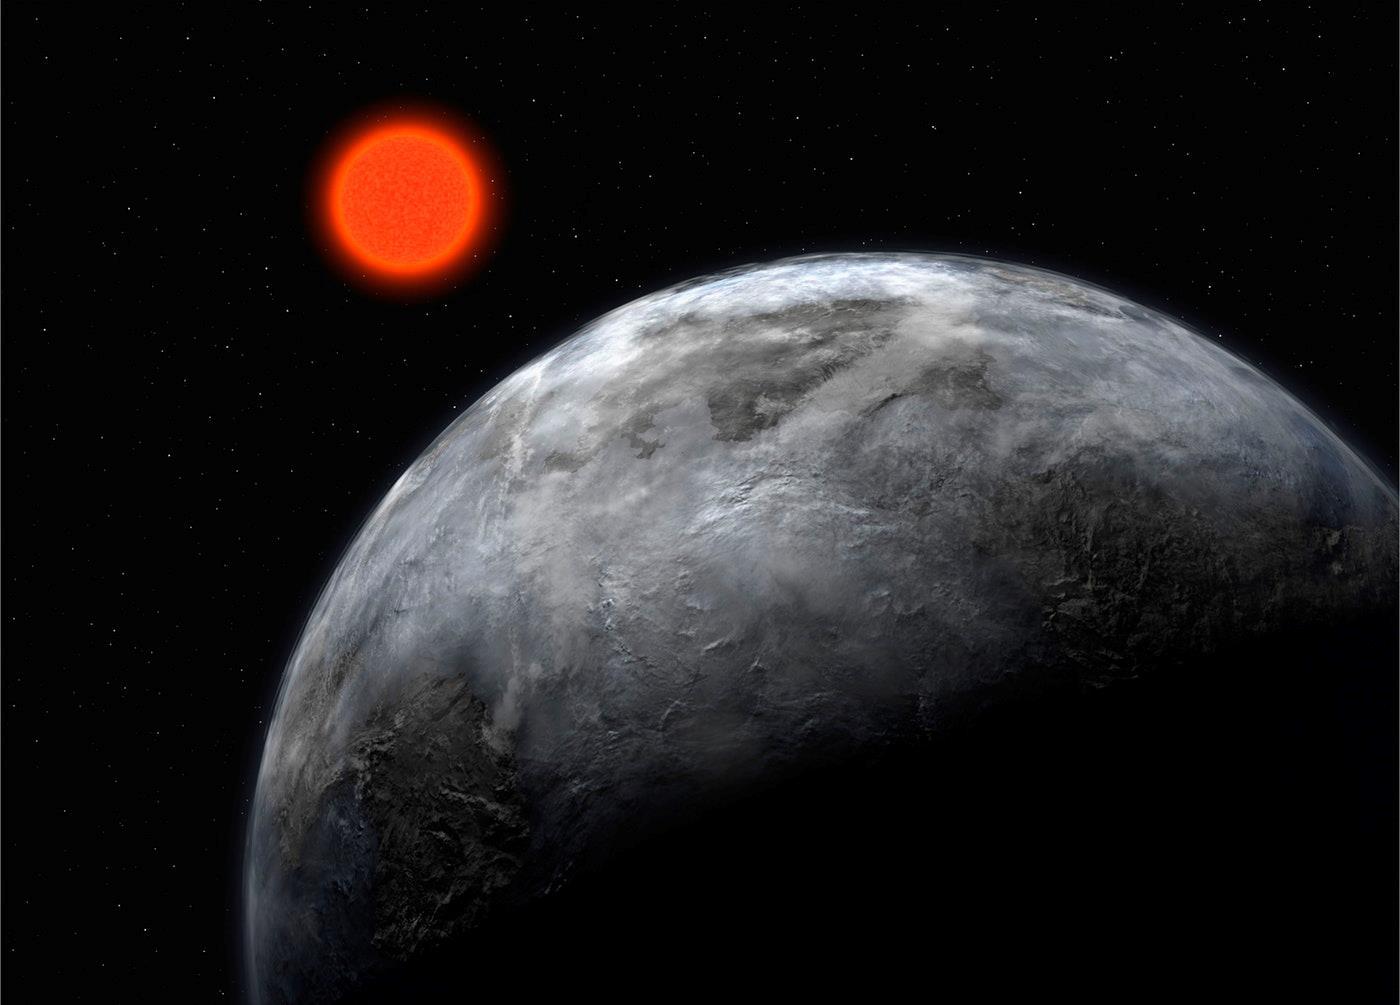 Ecco come dovrebbe apparire il pianeta e la stella